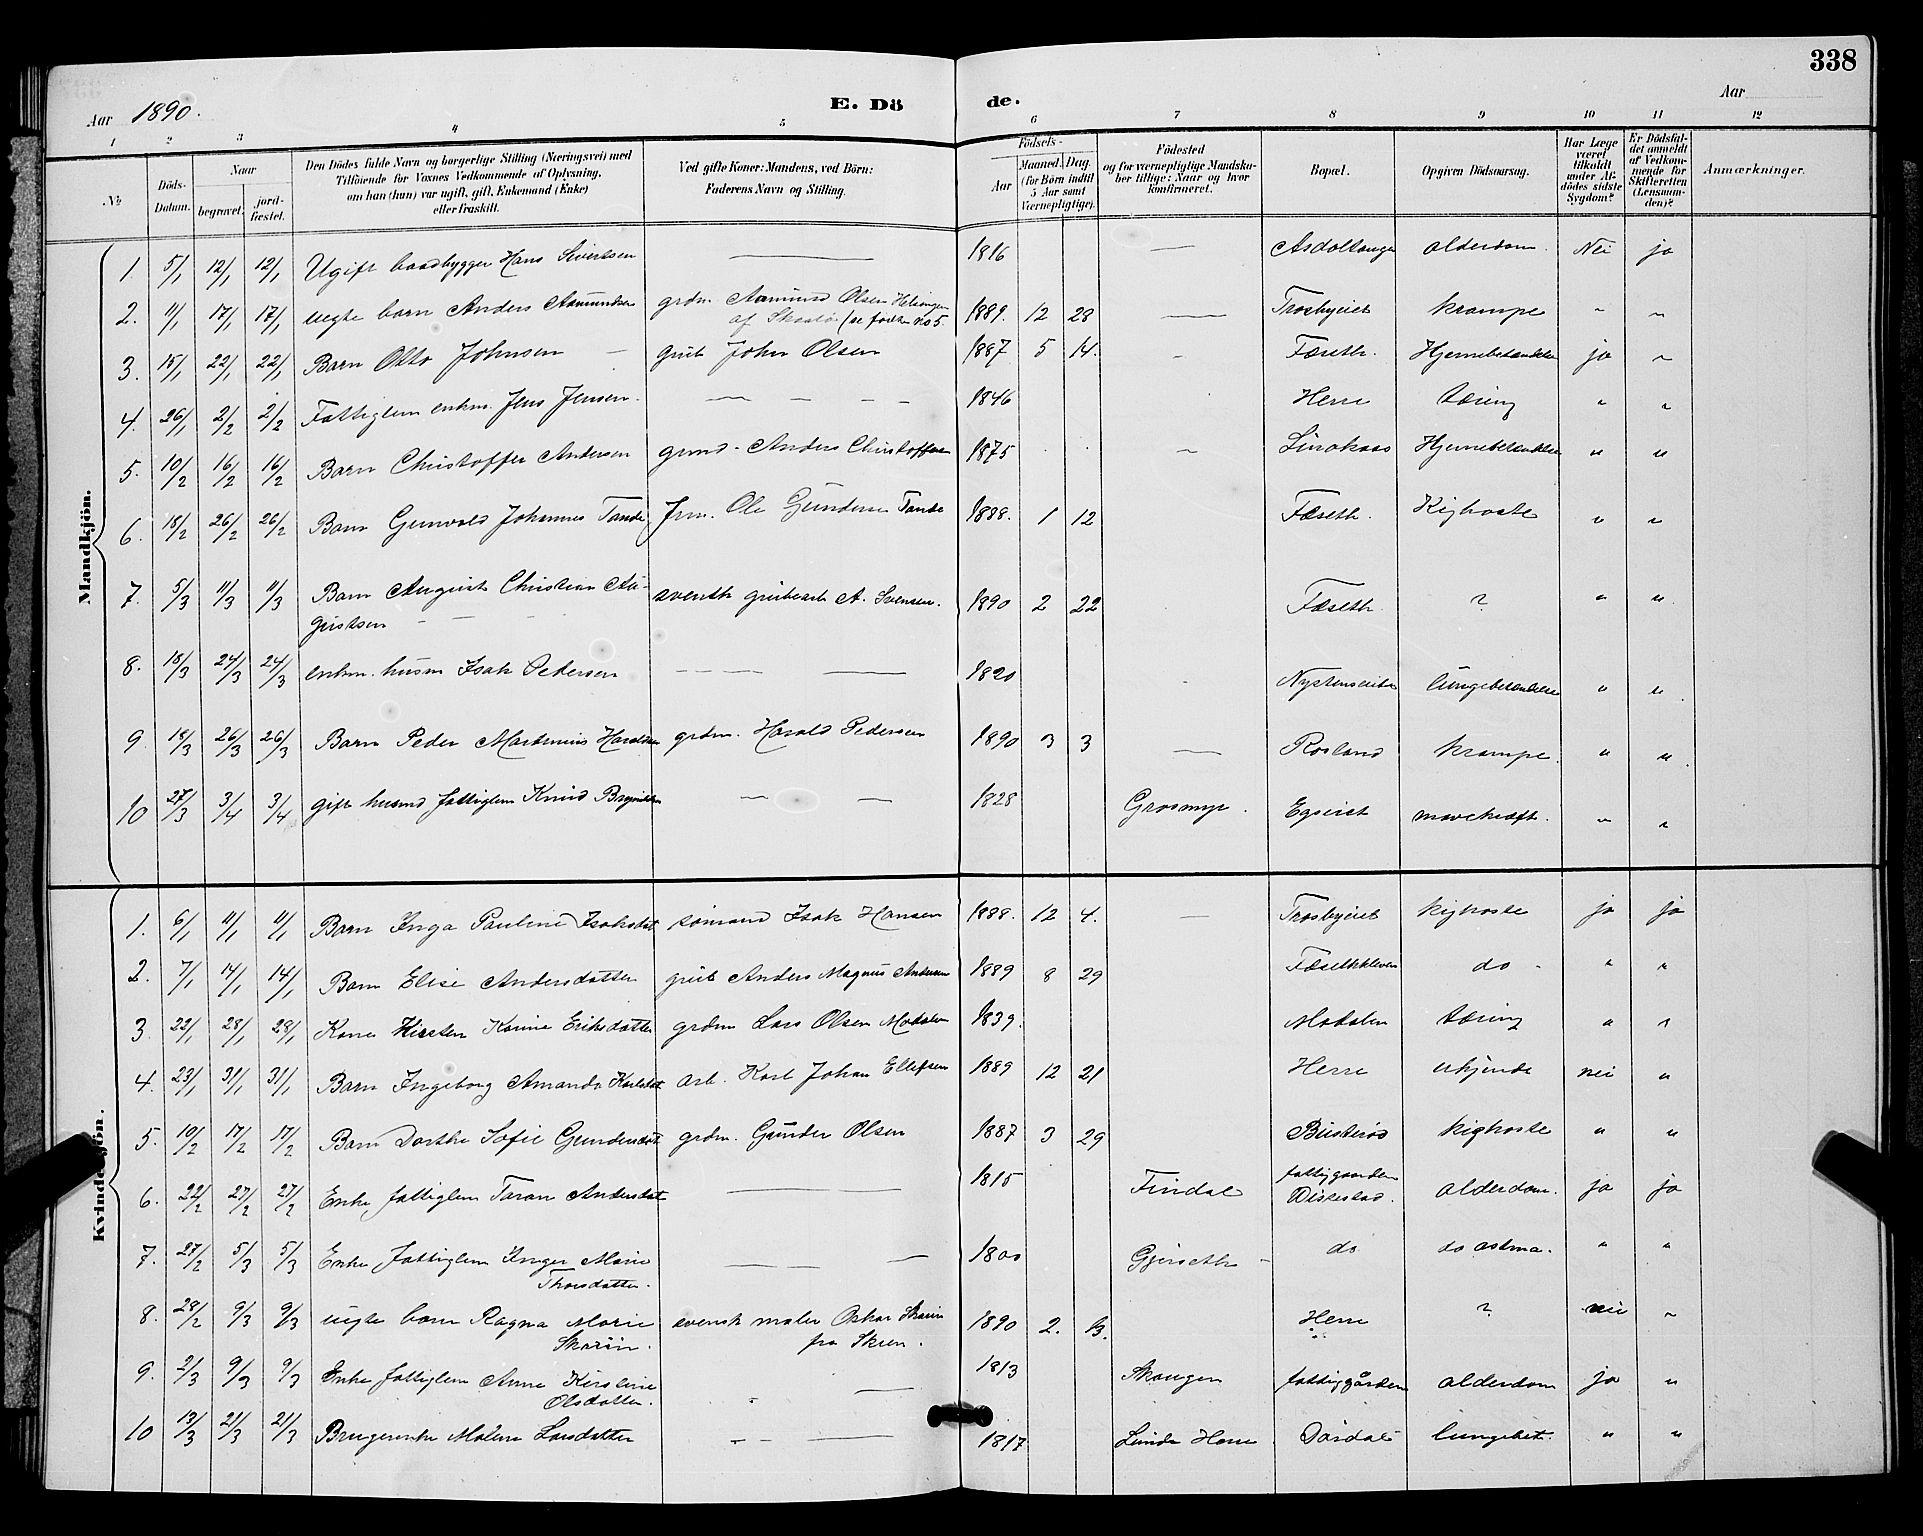 SAKO, Bamble kirkebøker, G/Ga/L0009: Klokkerbok nr. I 9, 1888-1900, s. 338